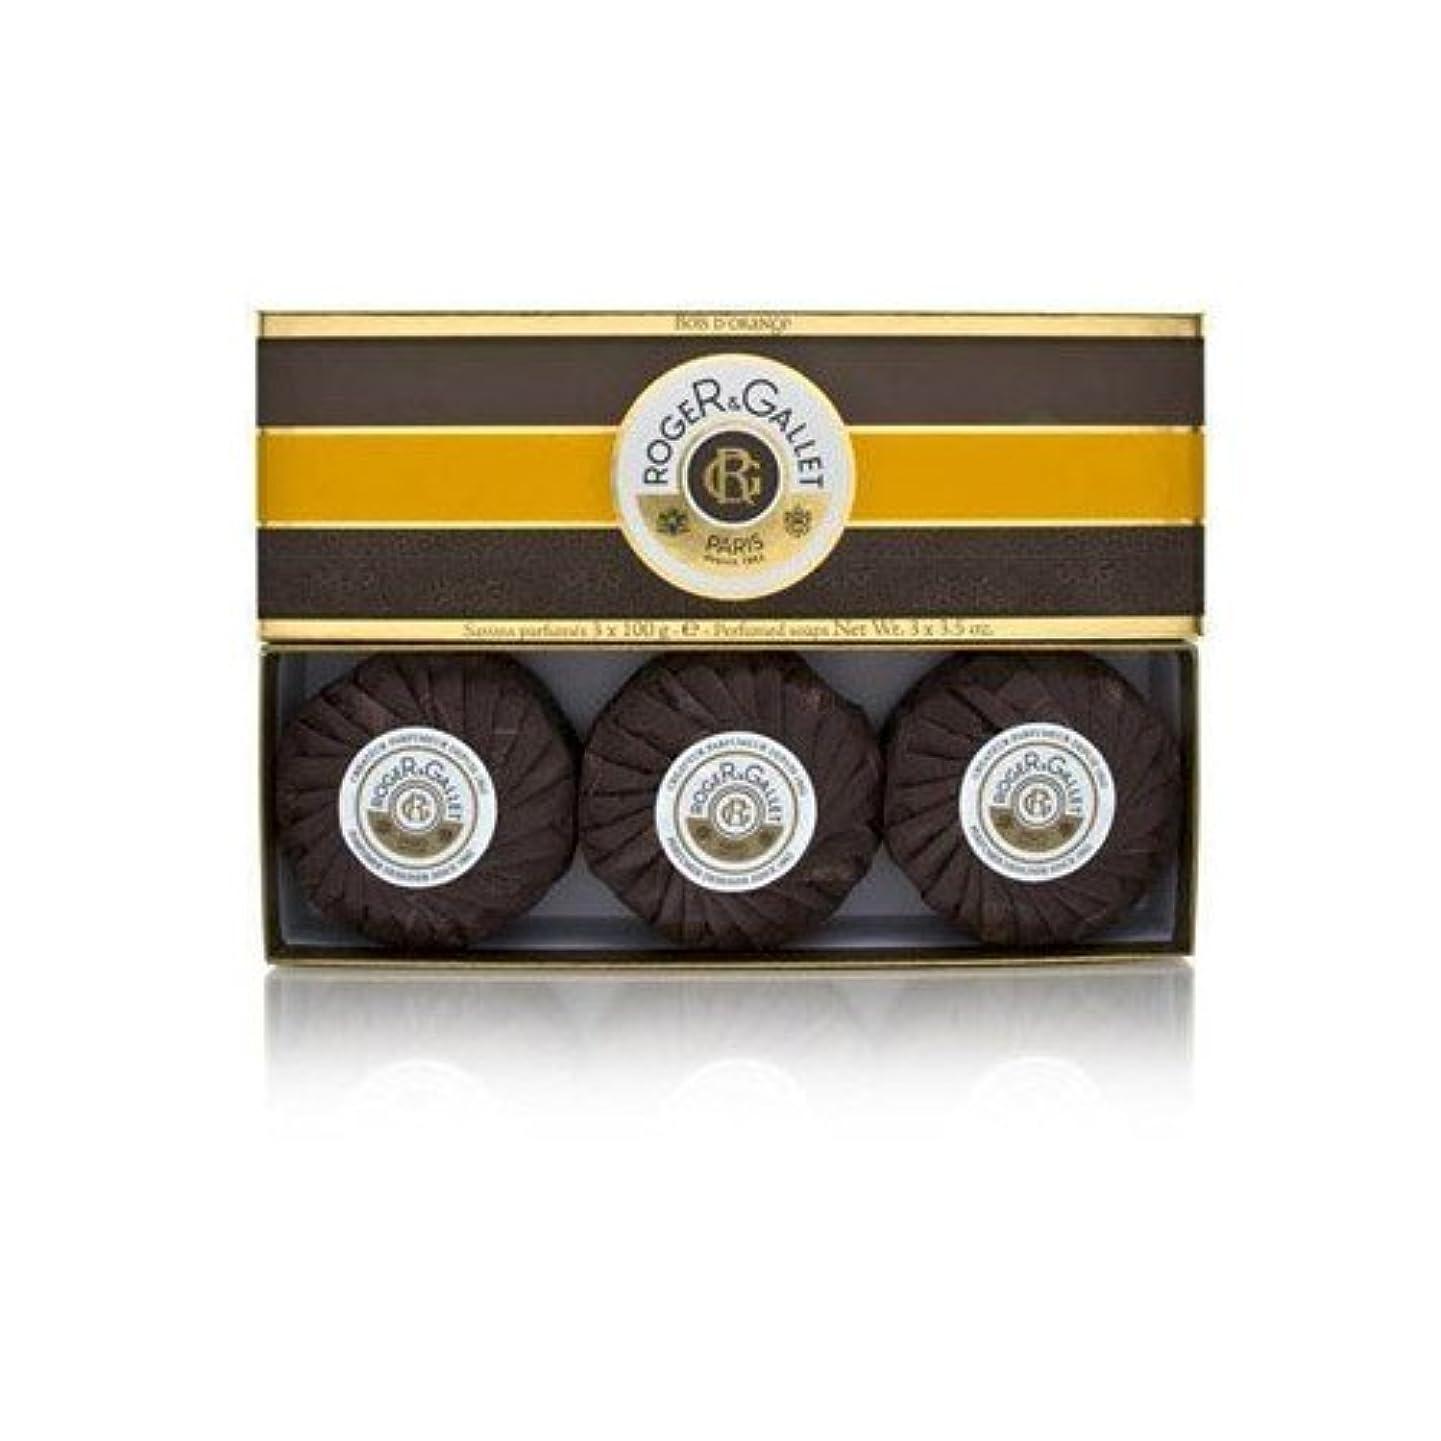 ハリウッド疲労事実上ロジェガレ ボワ ドランジュ (オレンジツリー) 香水石鹸3個セット ROGER&GALLET BOIS D'ORANGE PERFUMED SOAP [0161]